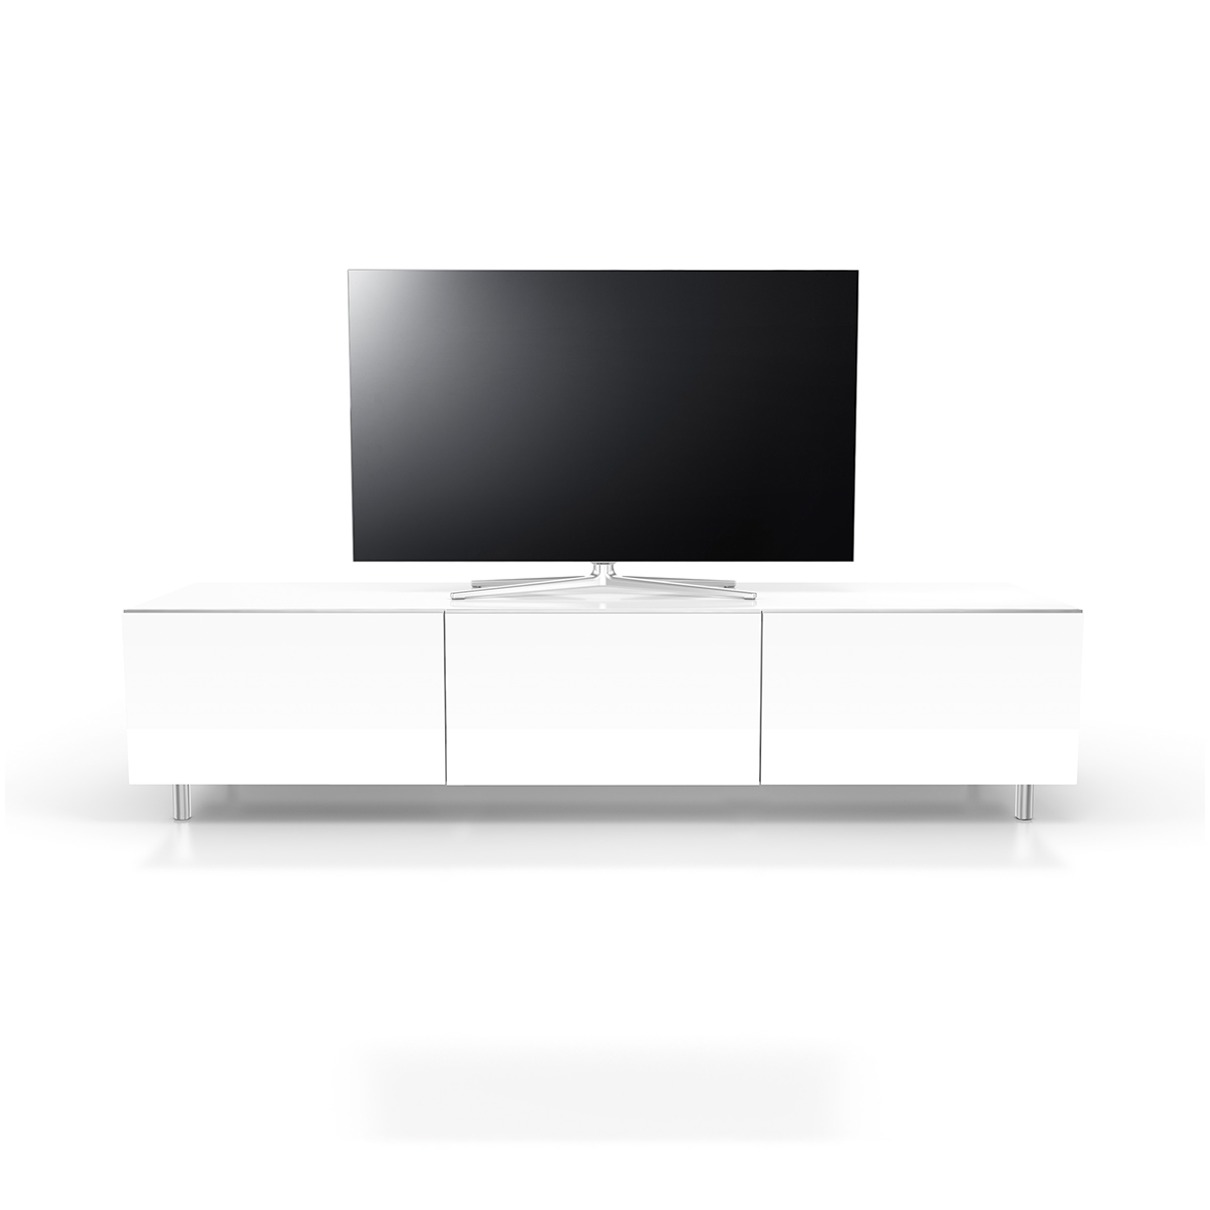 Afbeelding van Just Racks tv meubel JRL1650S-SNG wit